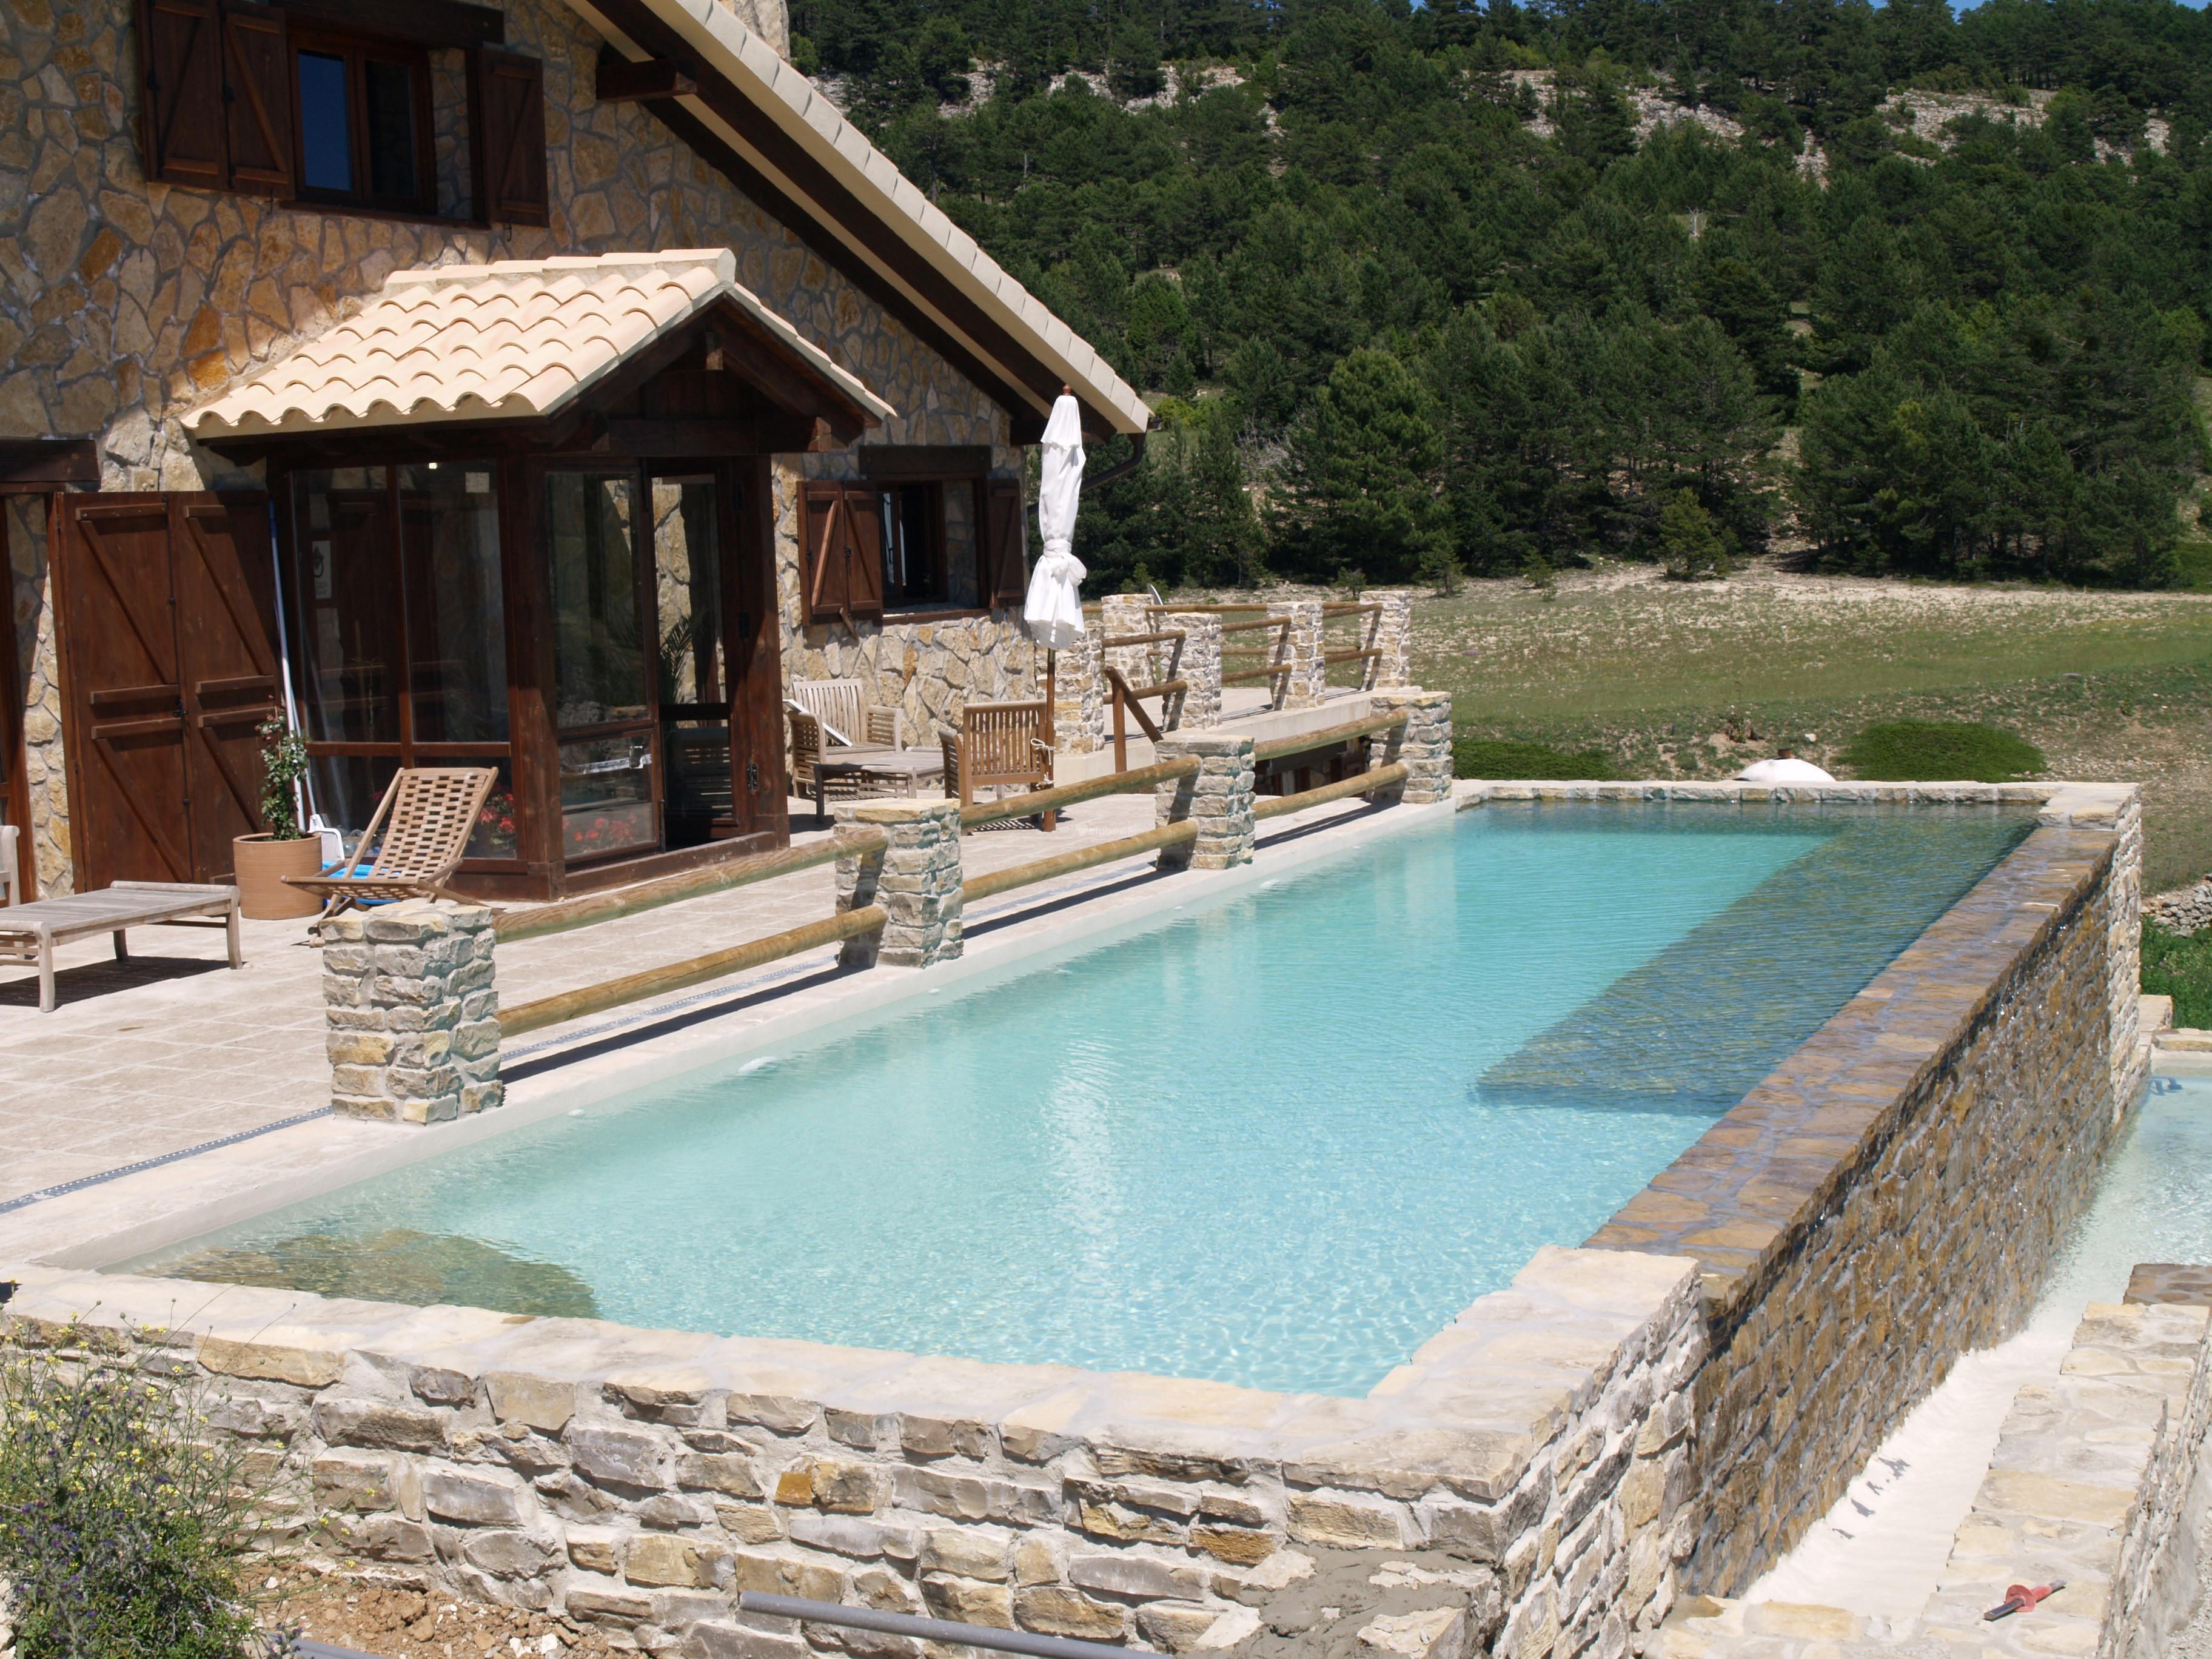 Casas rurales con piscina climatizada clubrural auto design tech - Casa rural asturias piscina climatizada ...